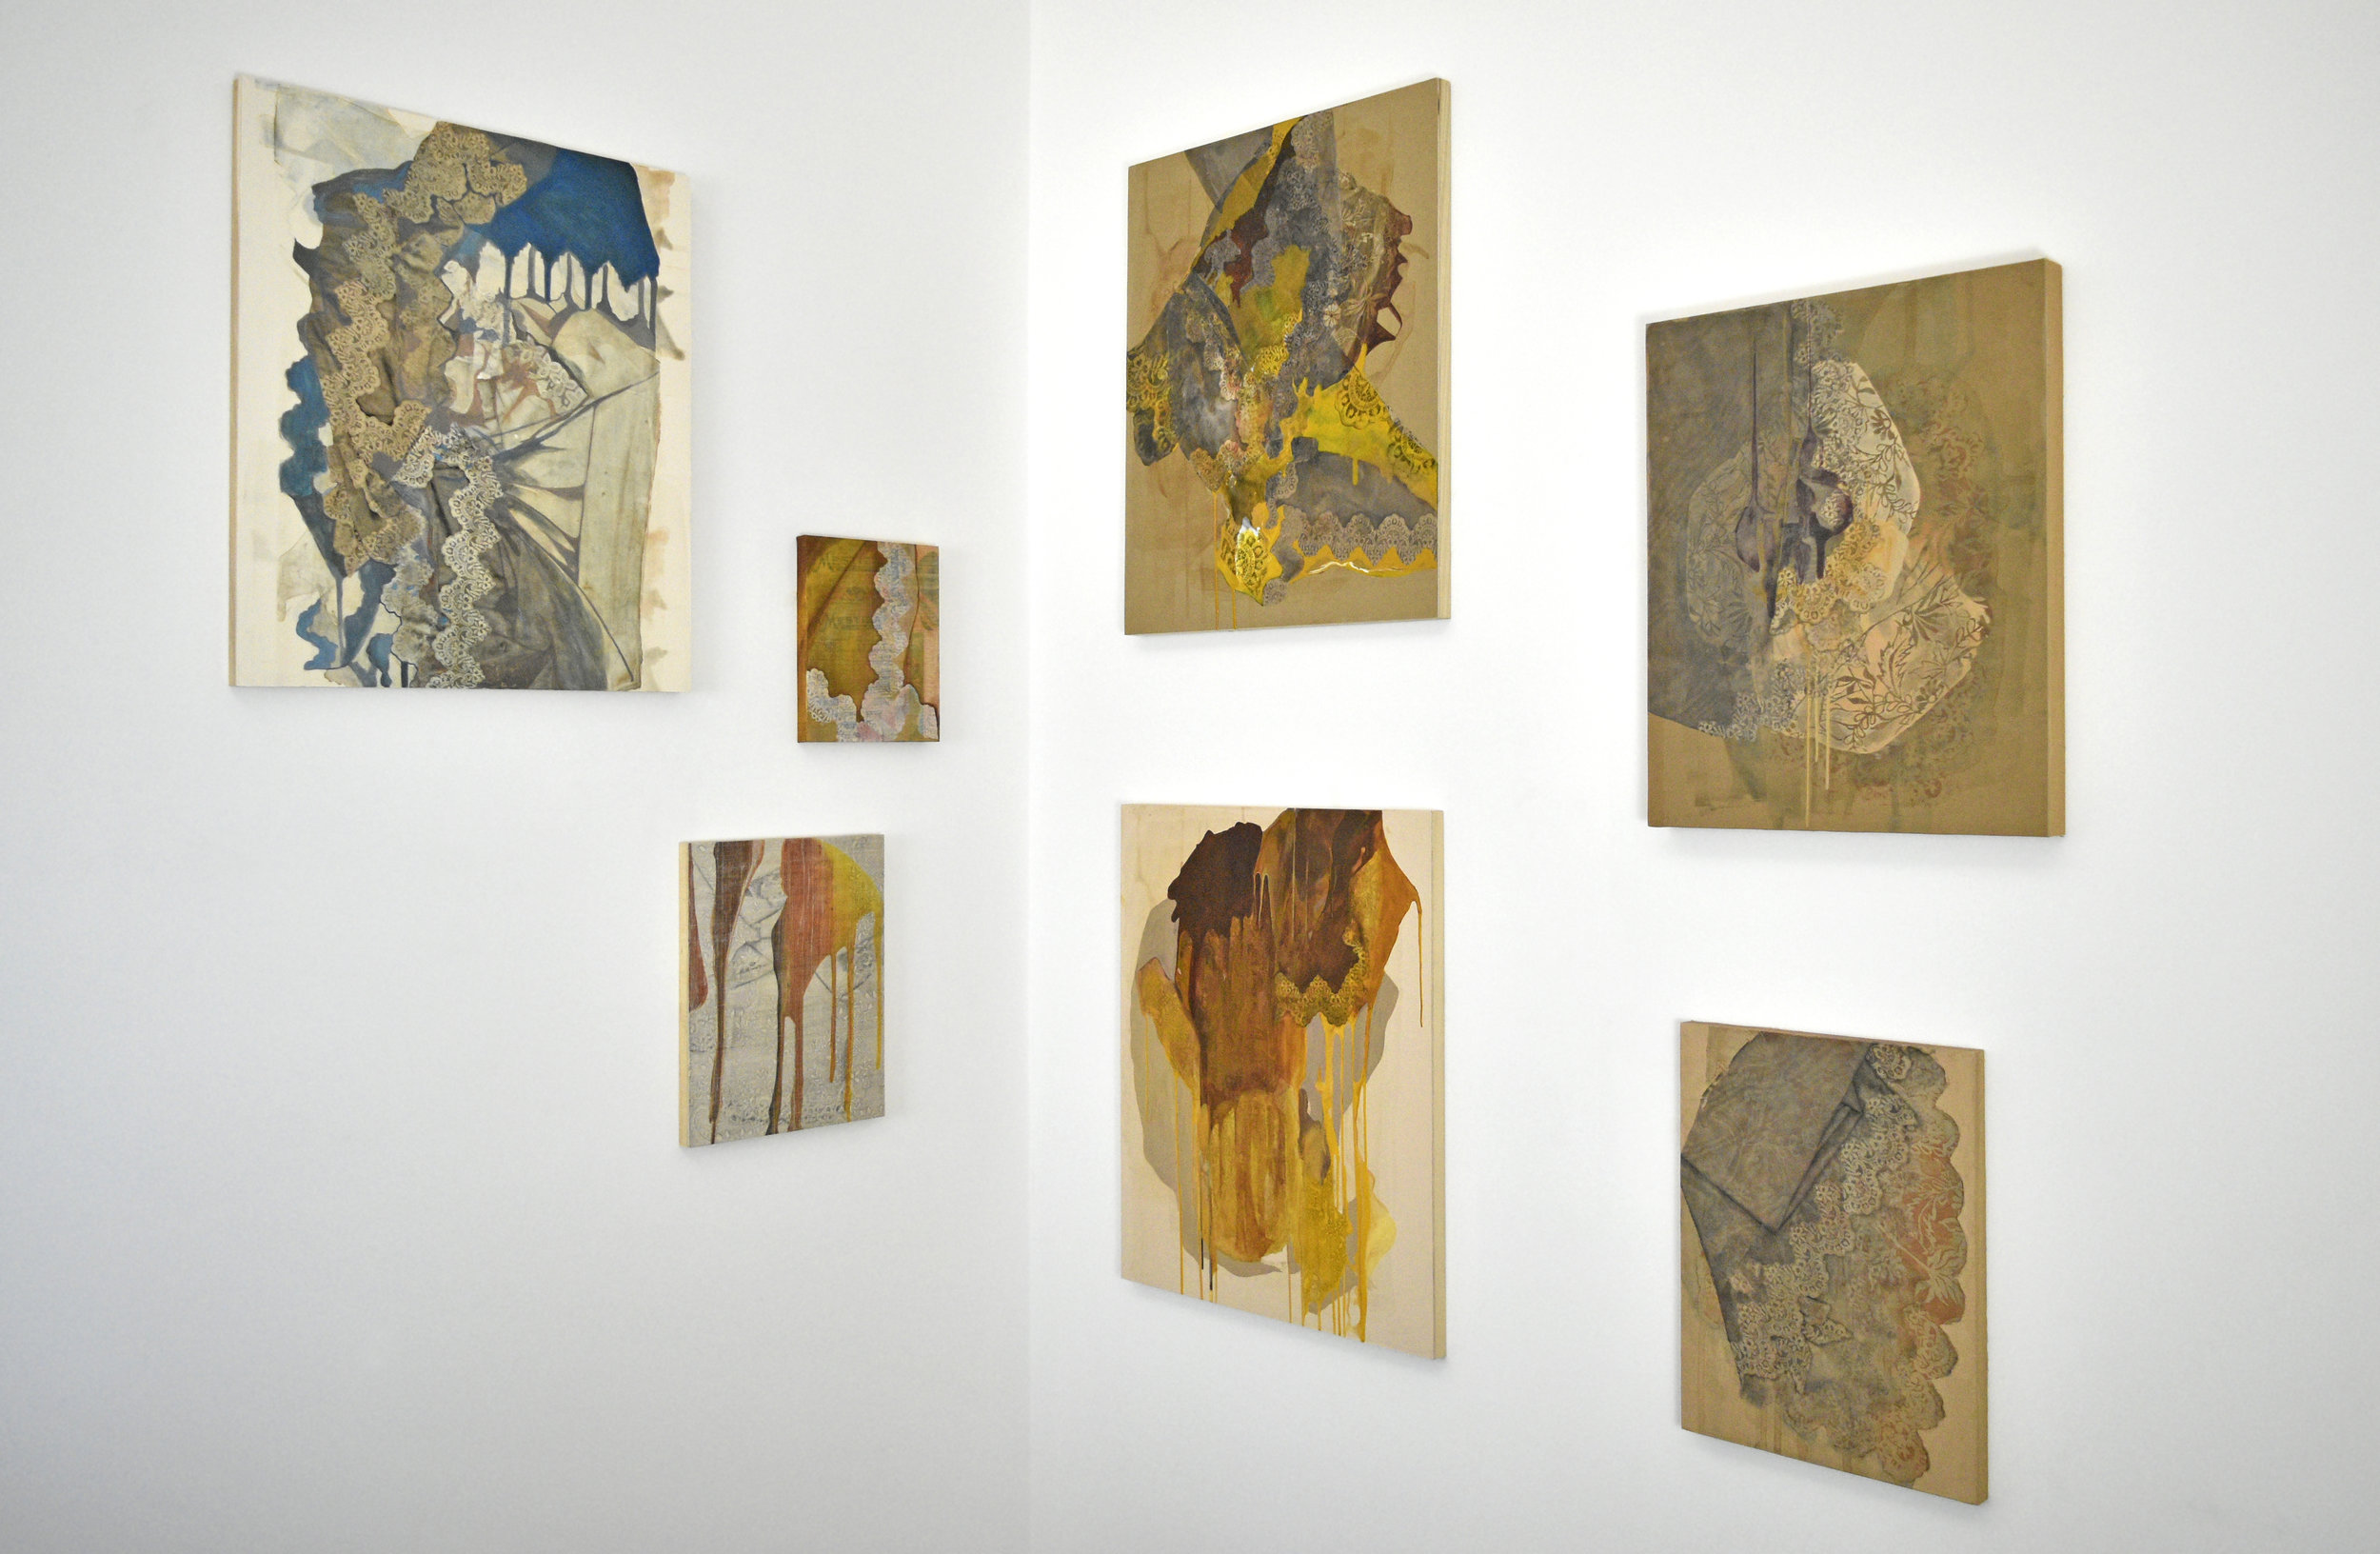 Pieces from Rea's  Retaso  series